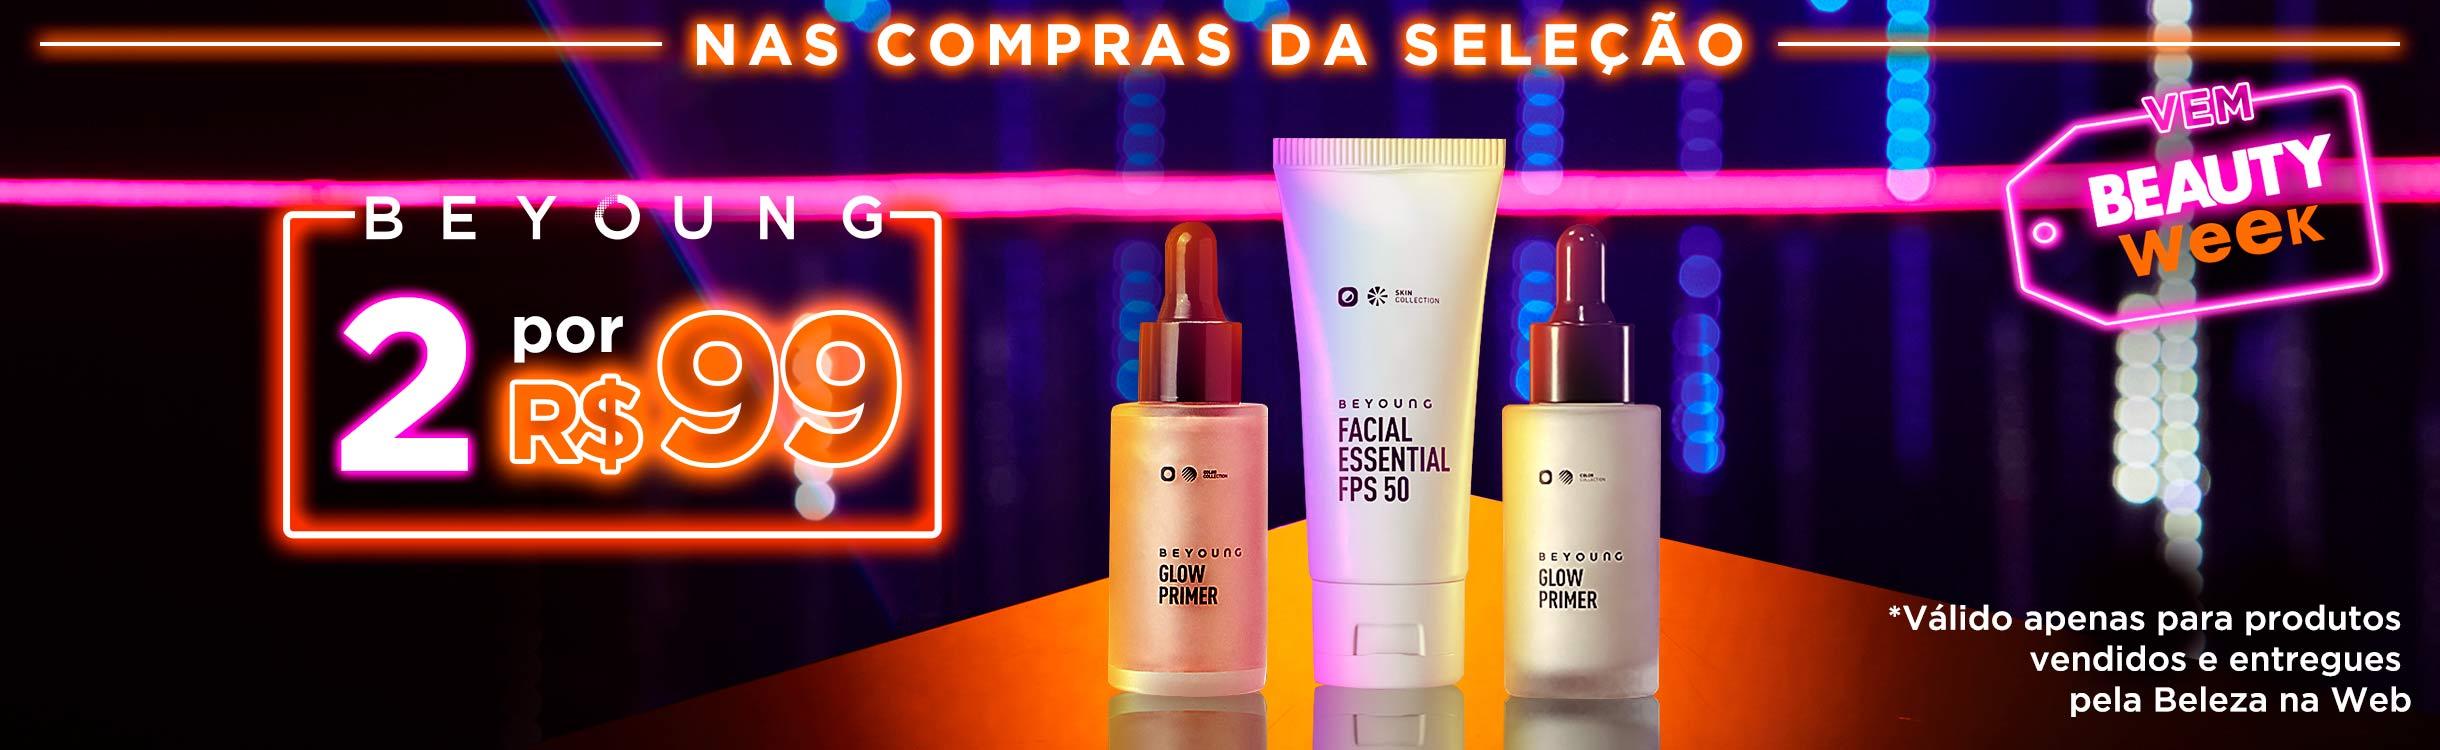 BEYOUNG   2 produtos por R$99